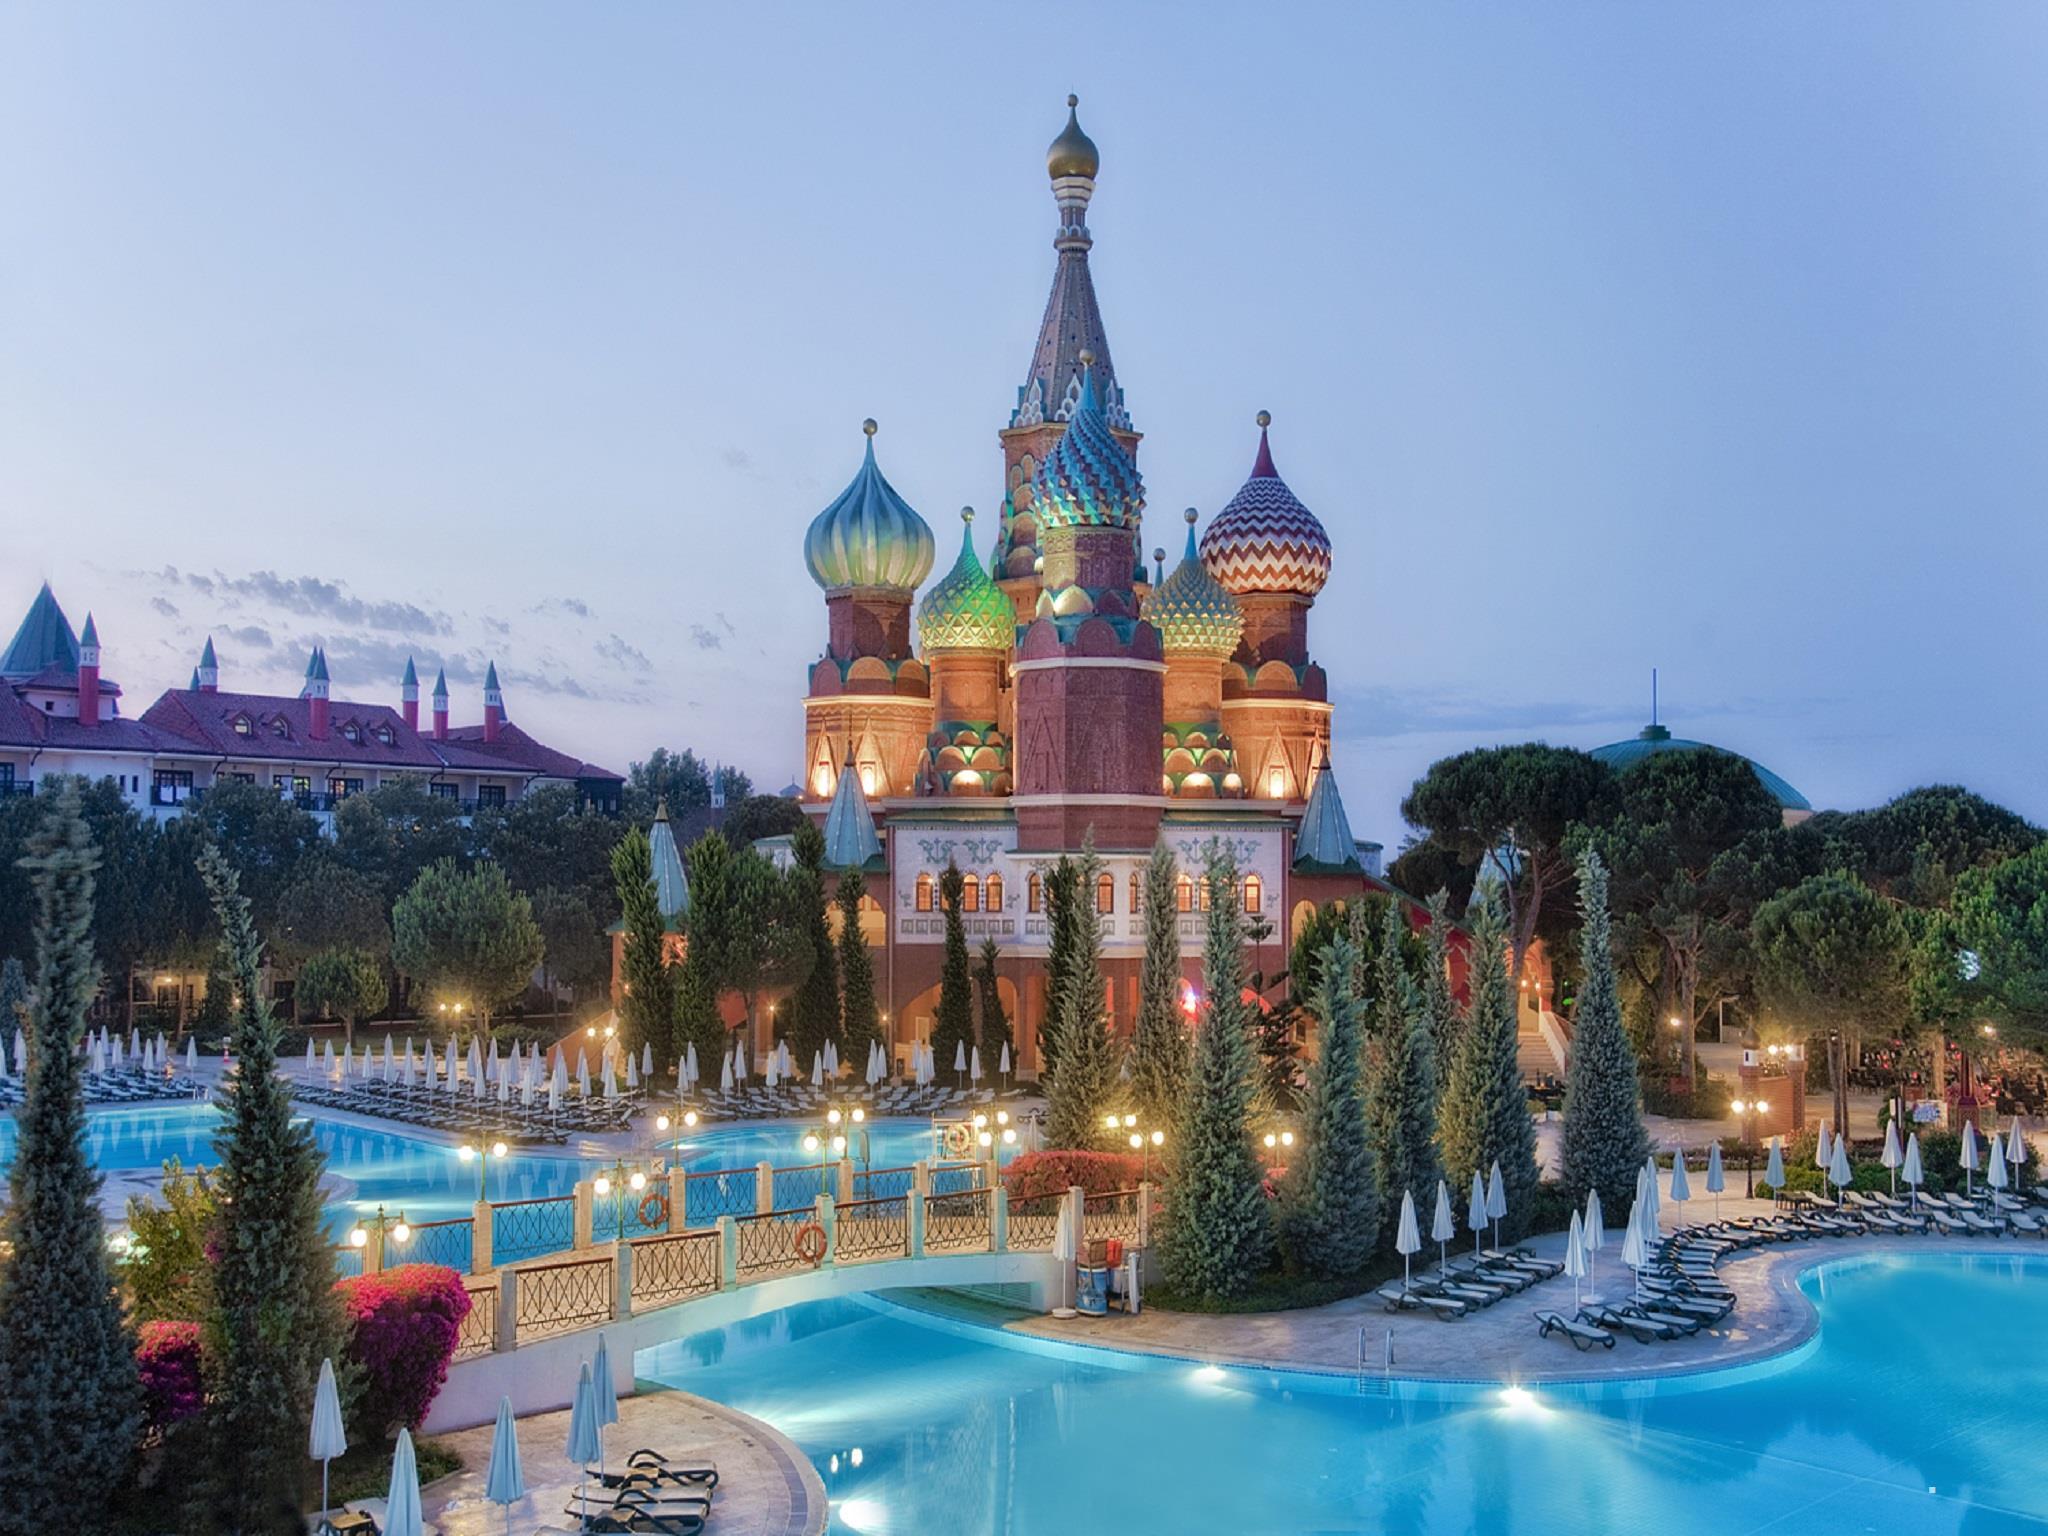 Отель Кремлин Турция 5*